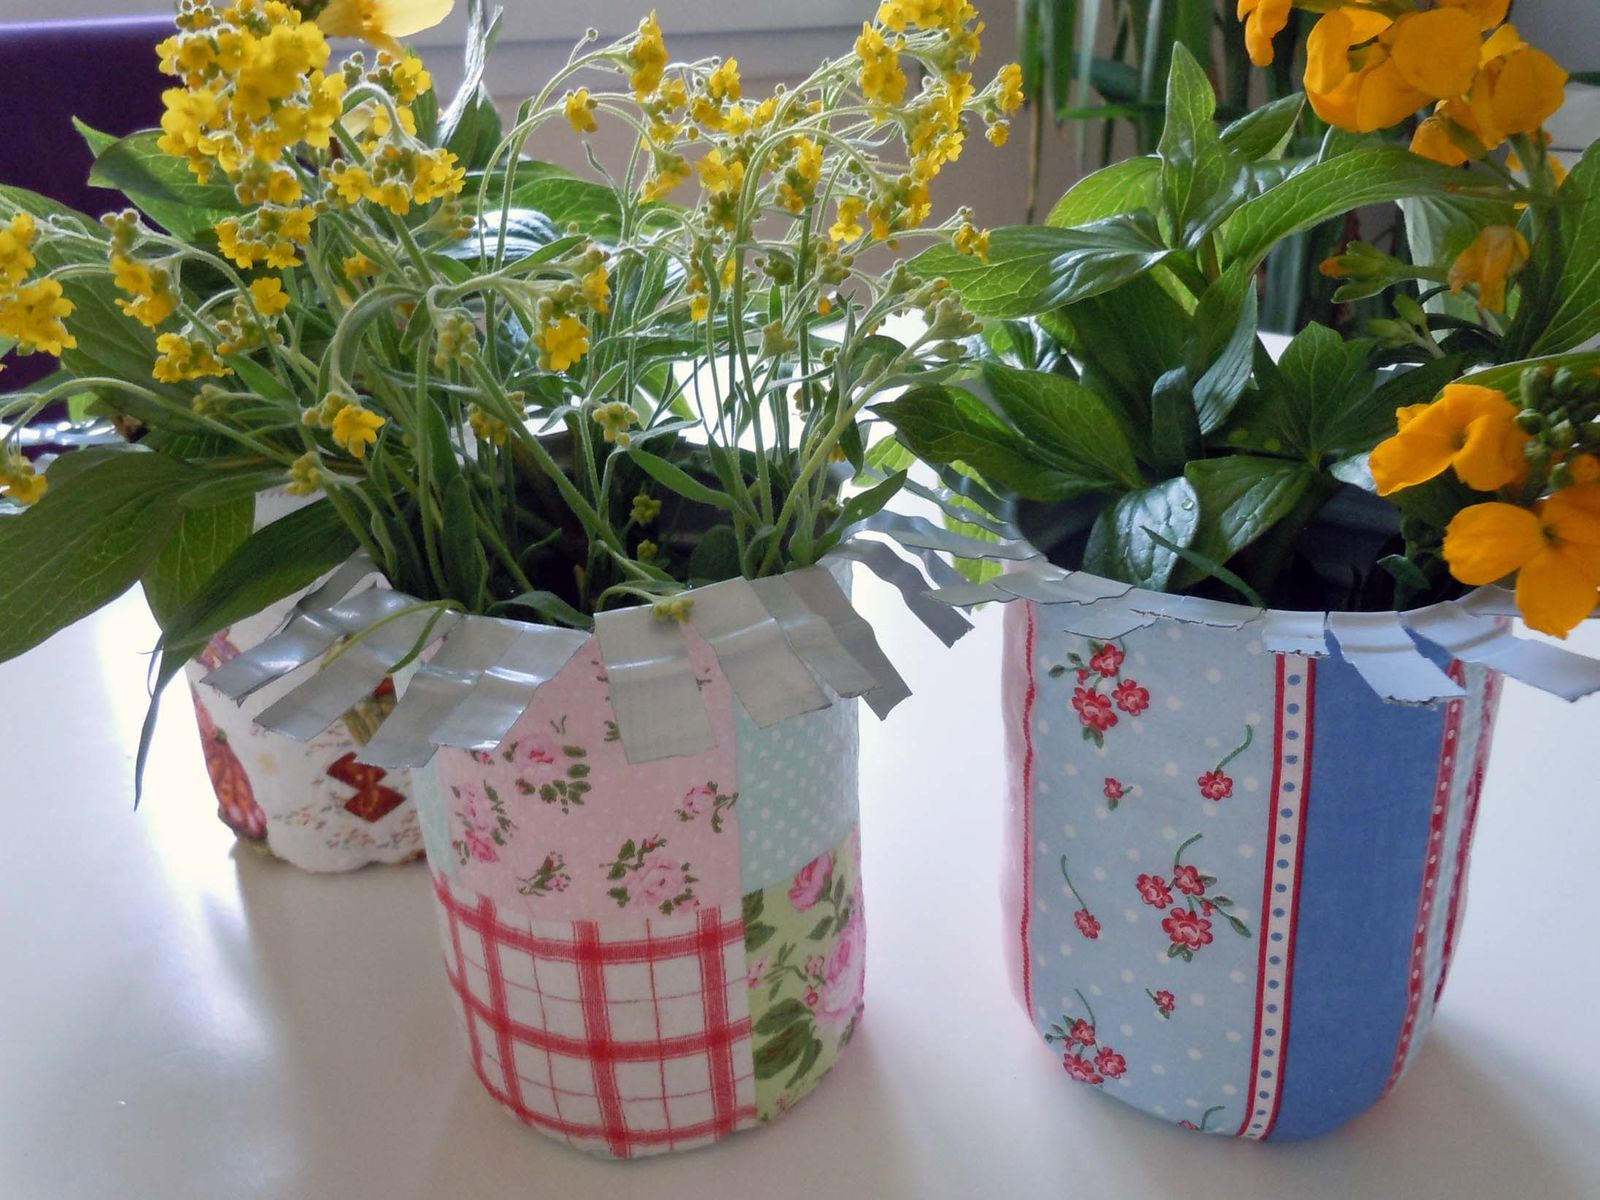 Après le séchage ,on écarte bien la corolle ,on rempli les vases improvisés avec les fleurs du jardin et voilà !!!